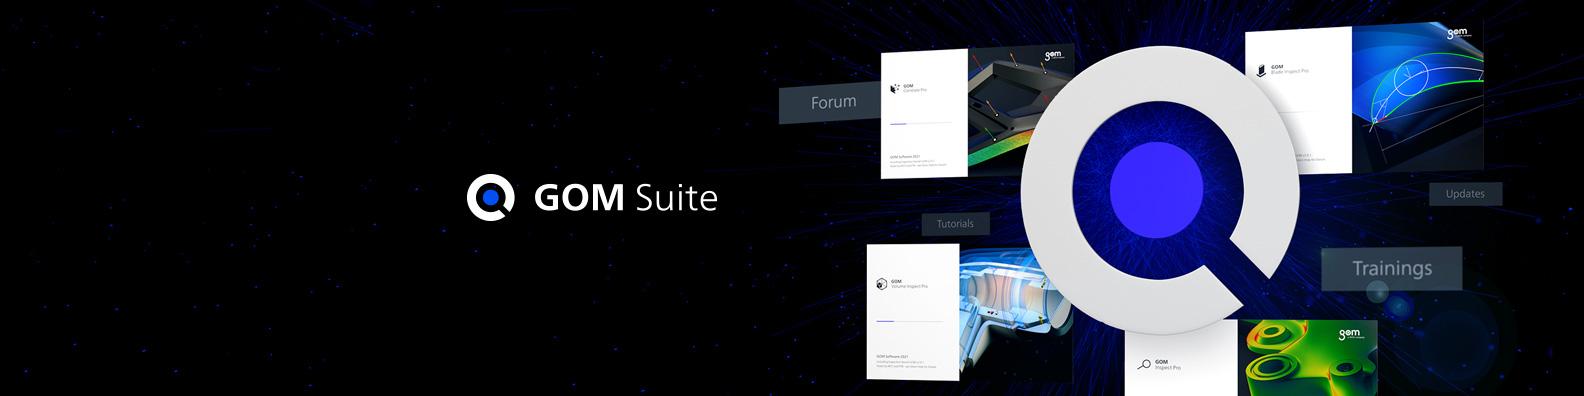 GOM Suite baner